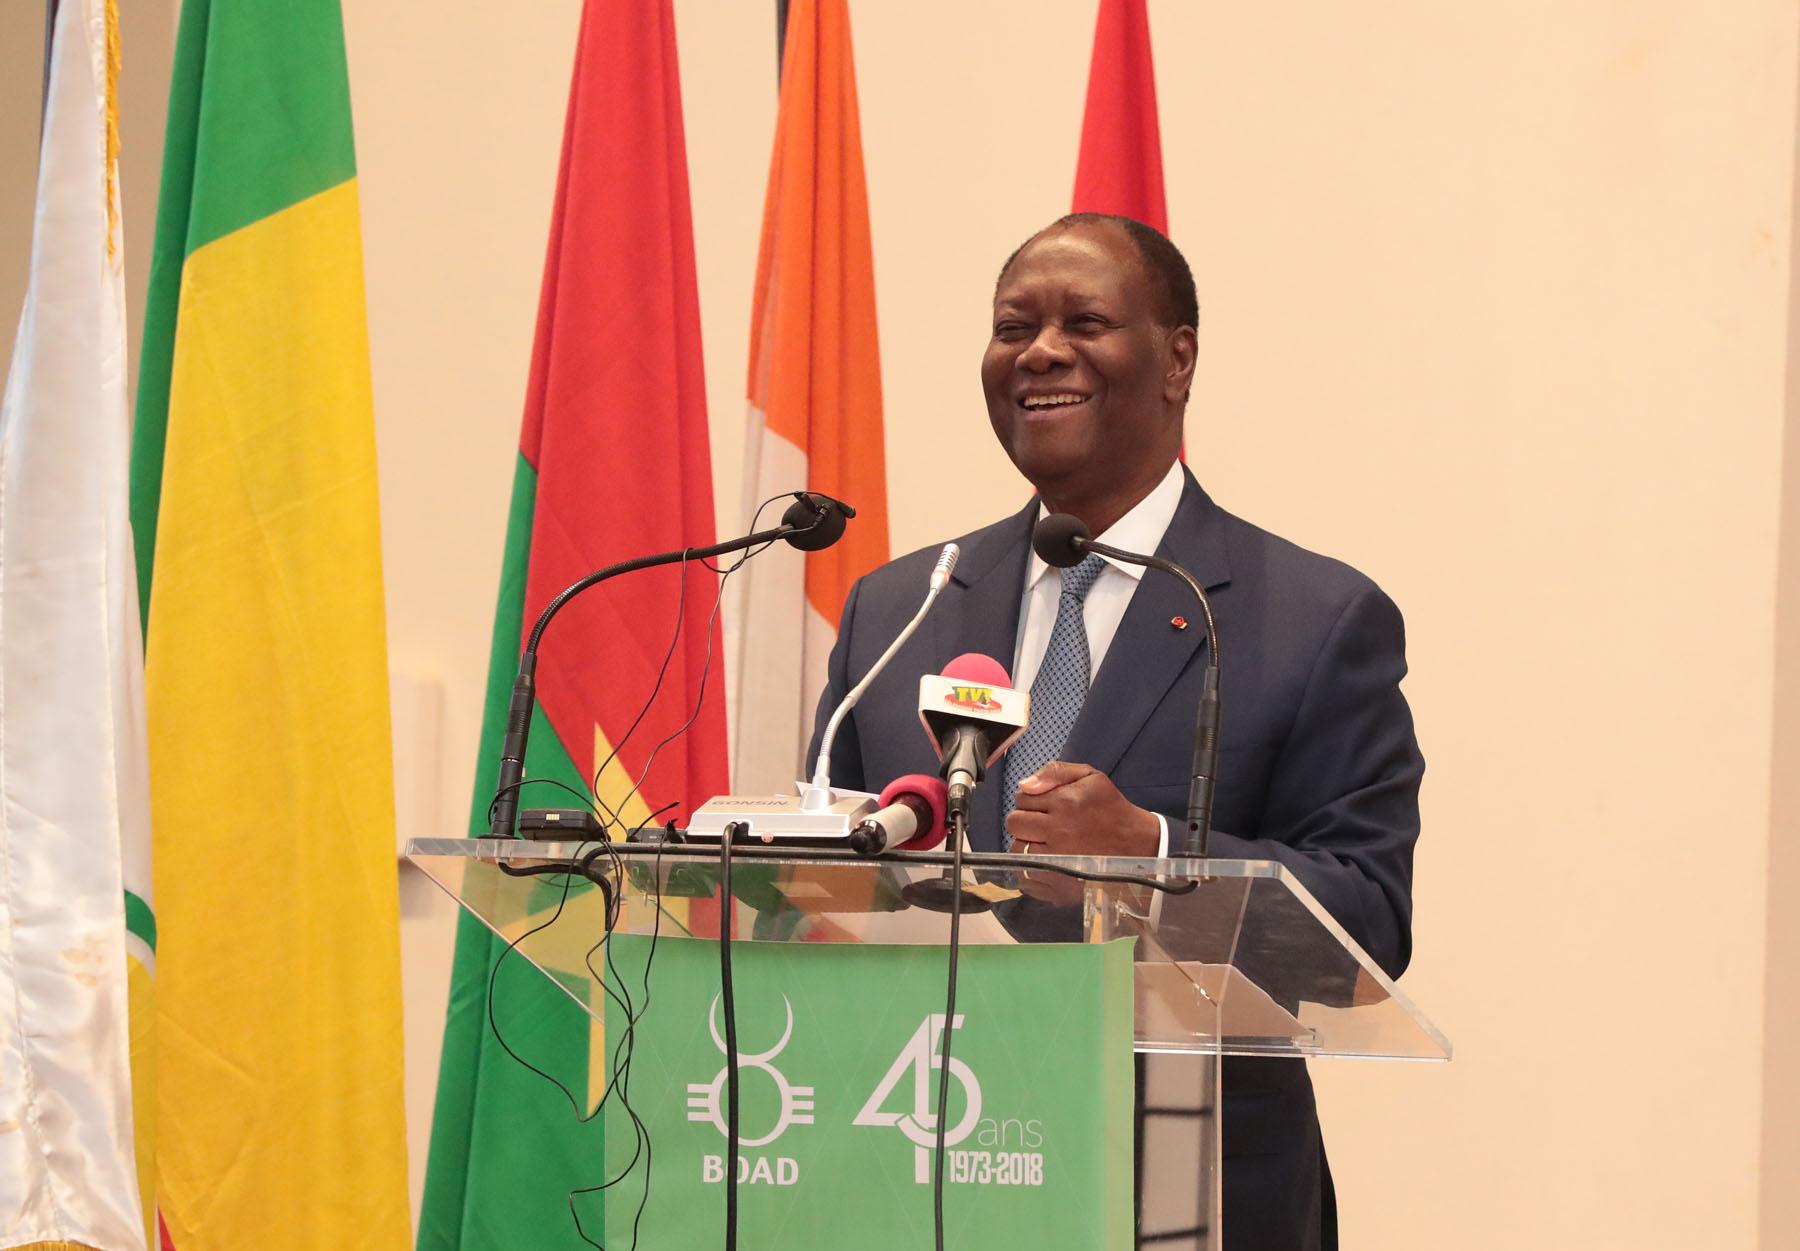 Le Chef de l'Etat a présidé la cérémonie de commémoration du 45e anniversaire de la BOAD.